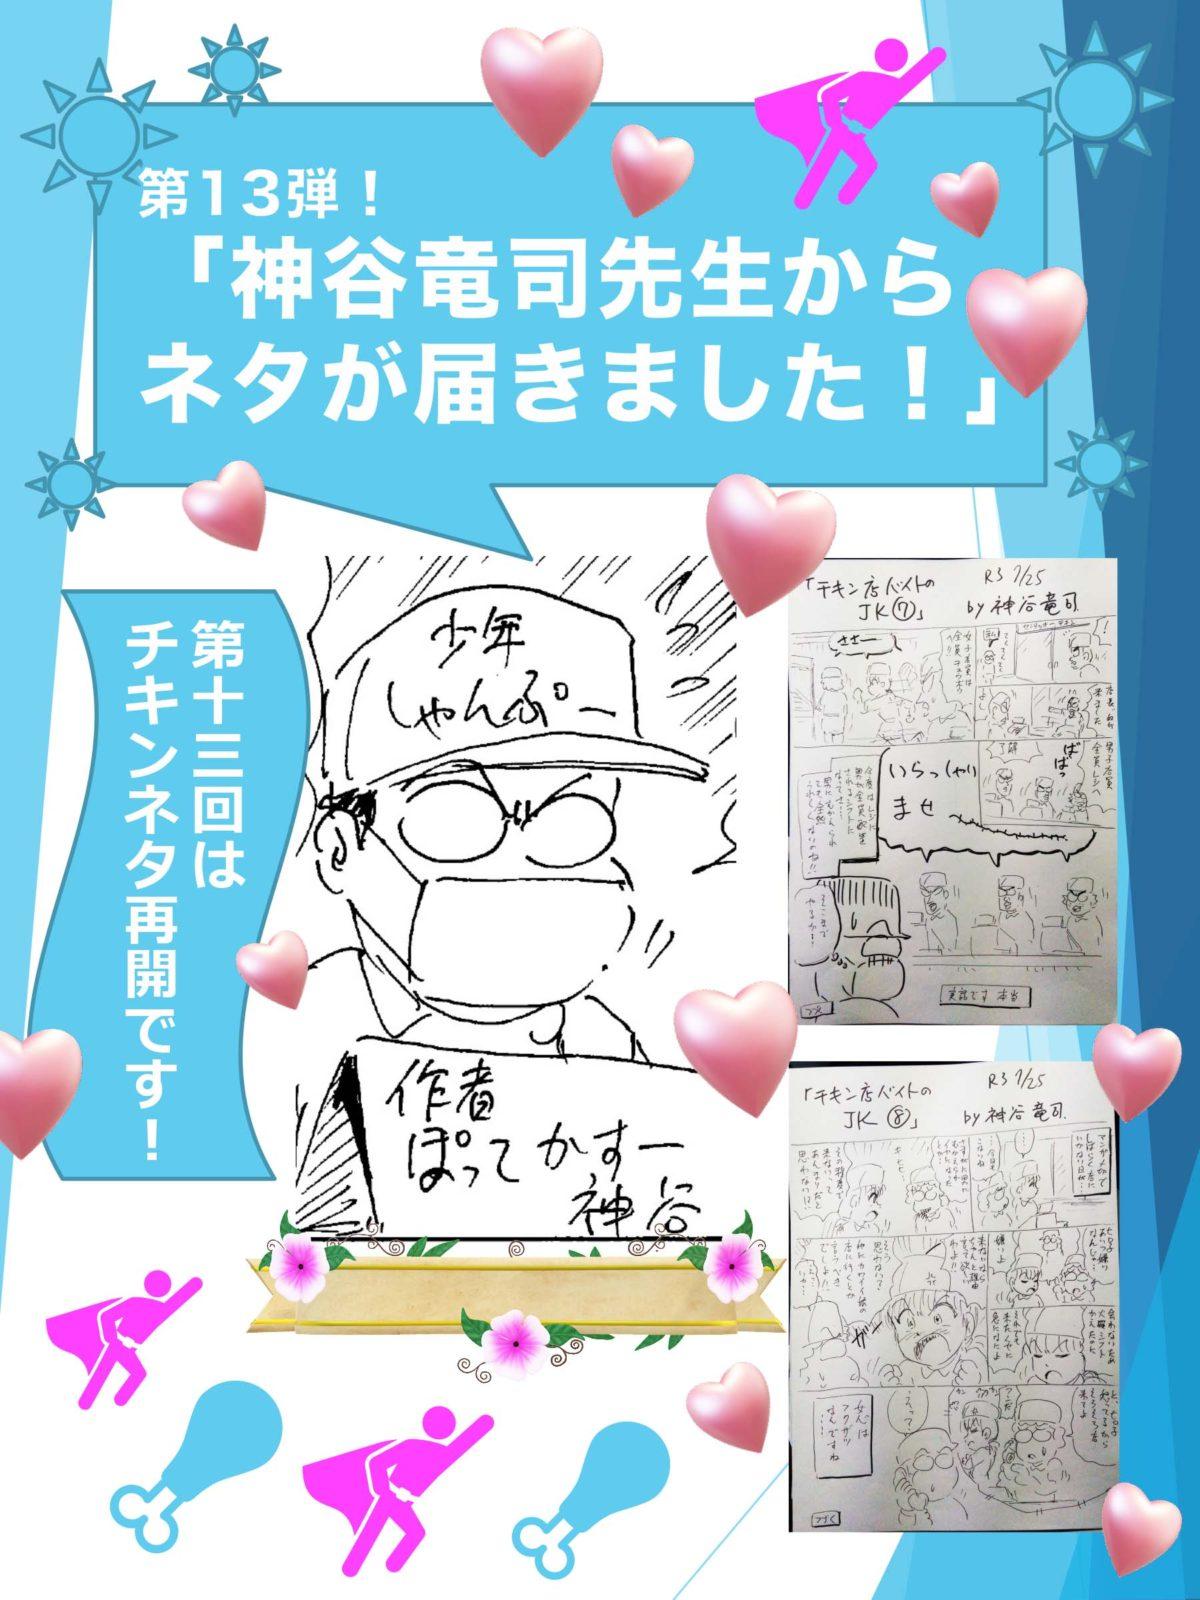 今回は2ネタ!「神谷竜司先生からネタが届きました!」その13です!